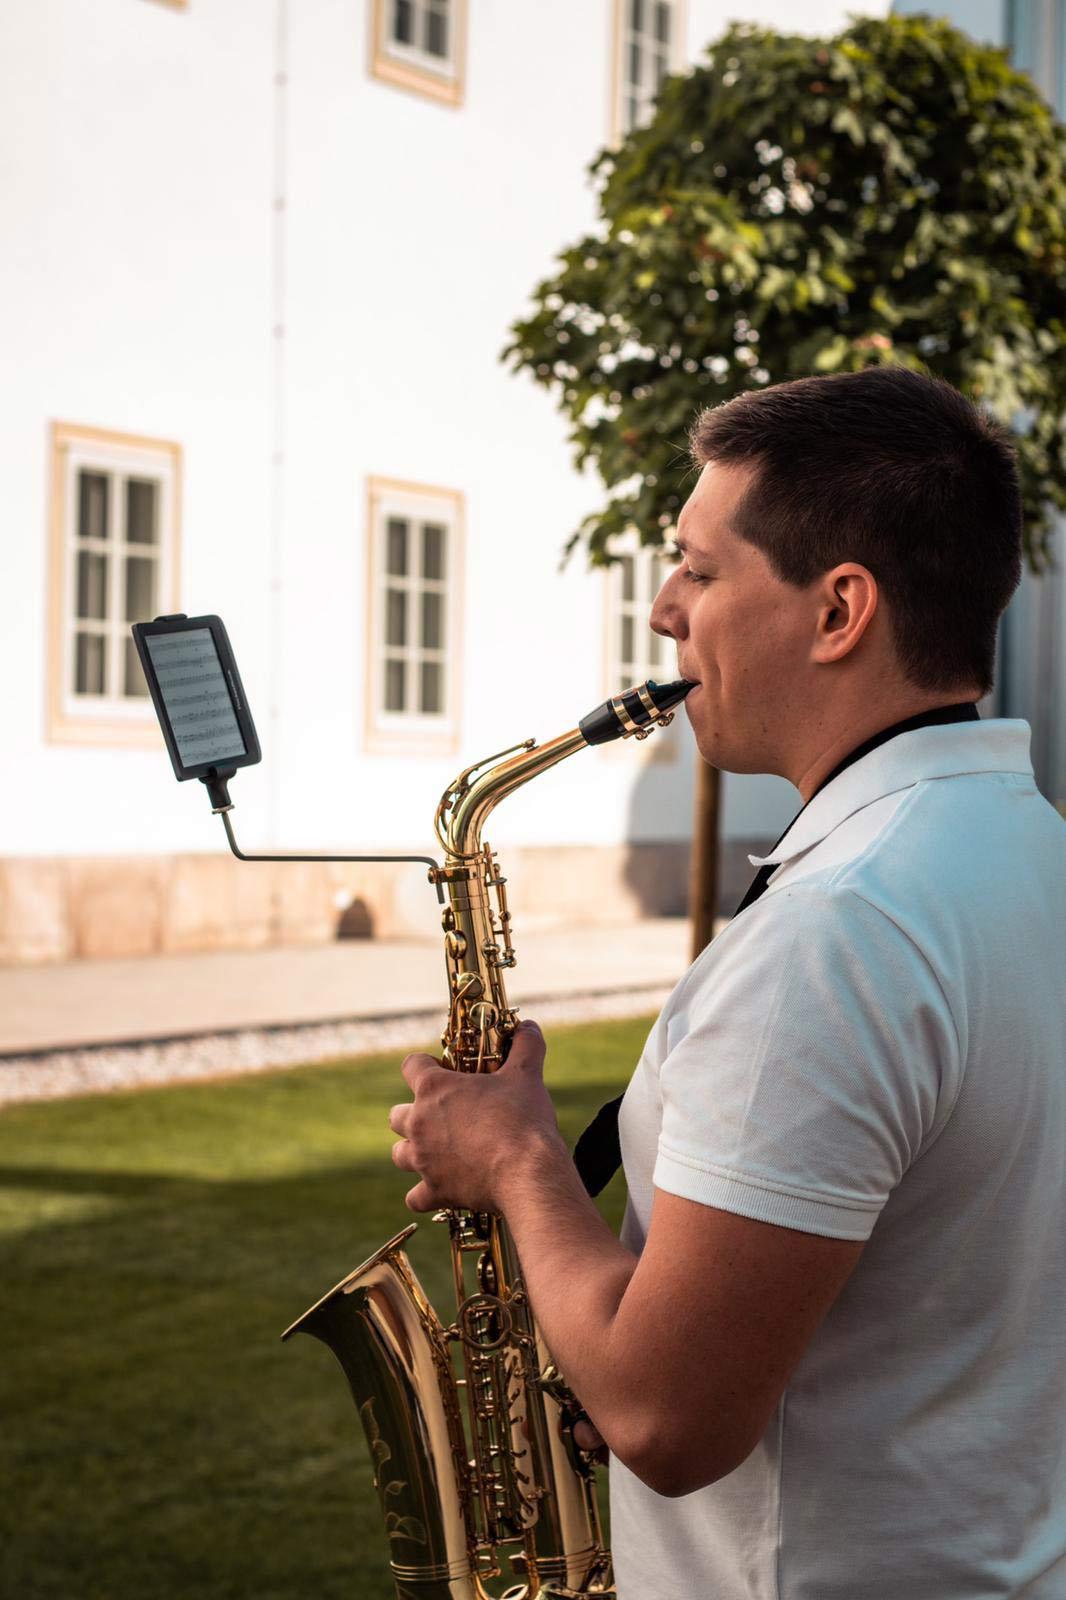 Marschpat - Sponsor von Blasmusik.Digital